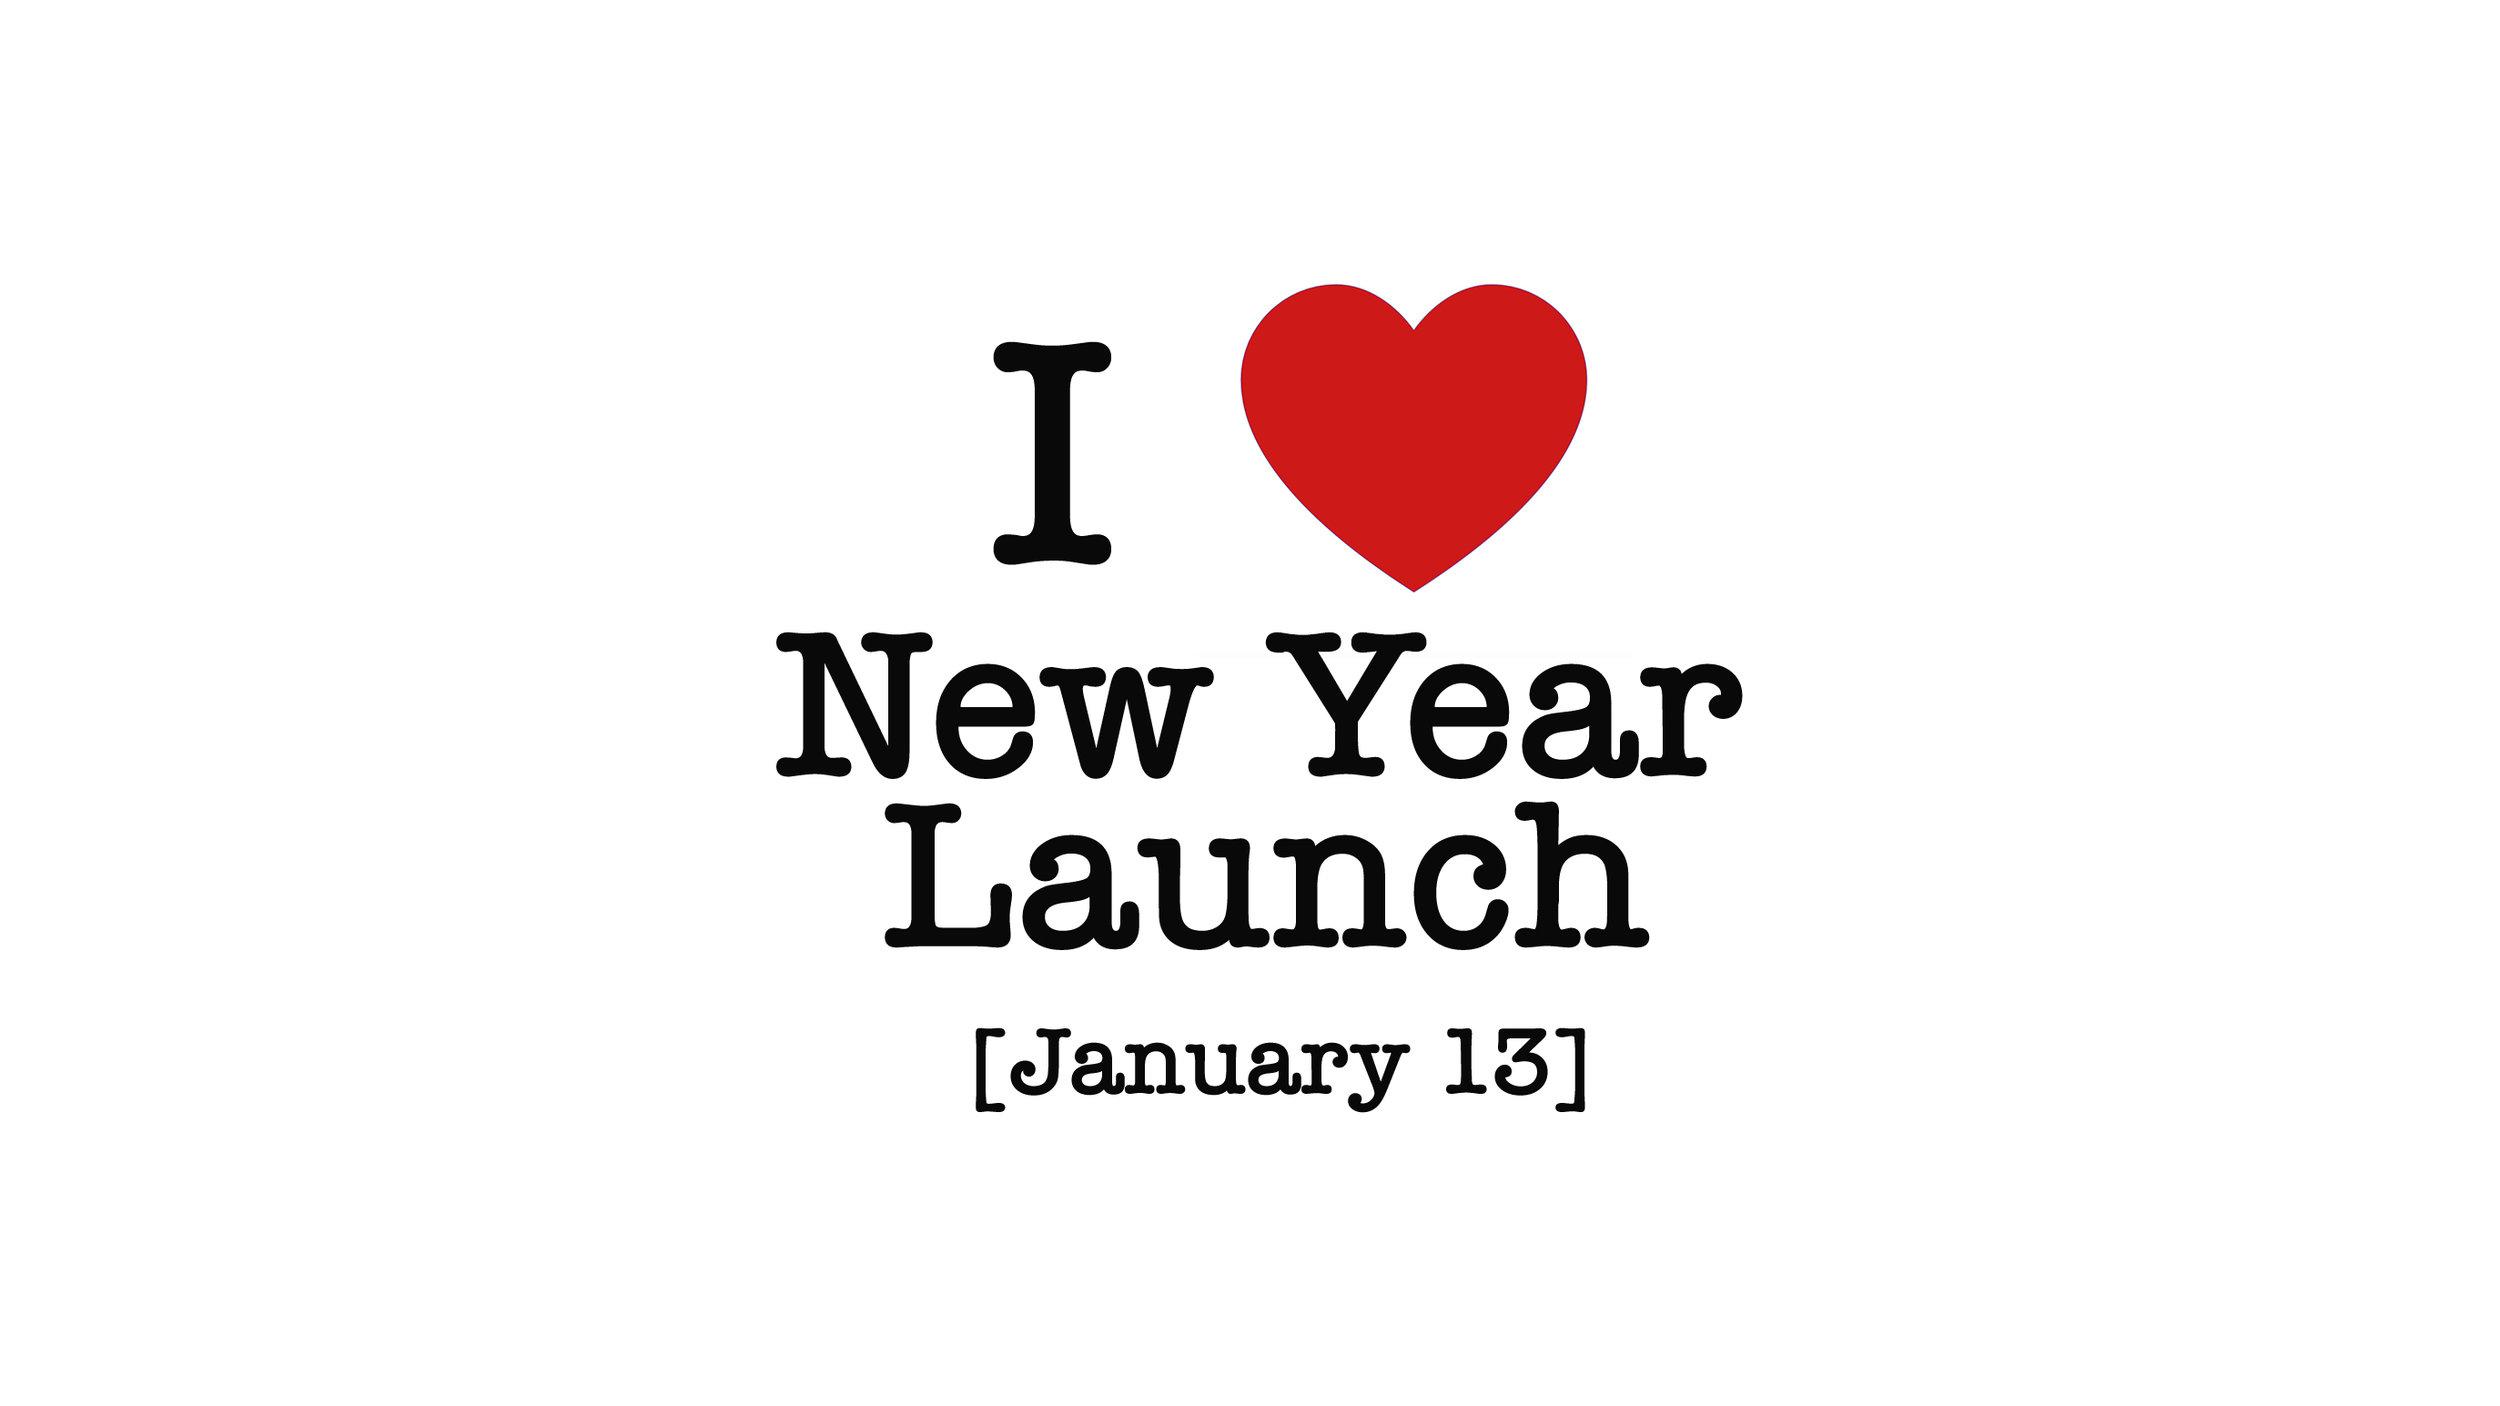 I heart New Year Launch logo - website cover_v1.jpg